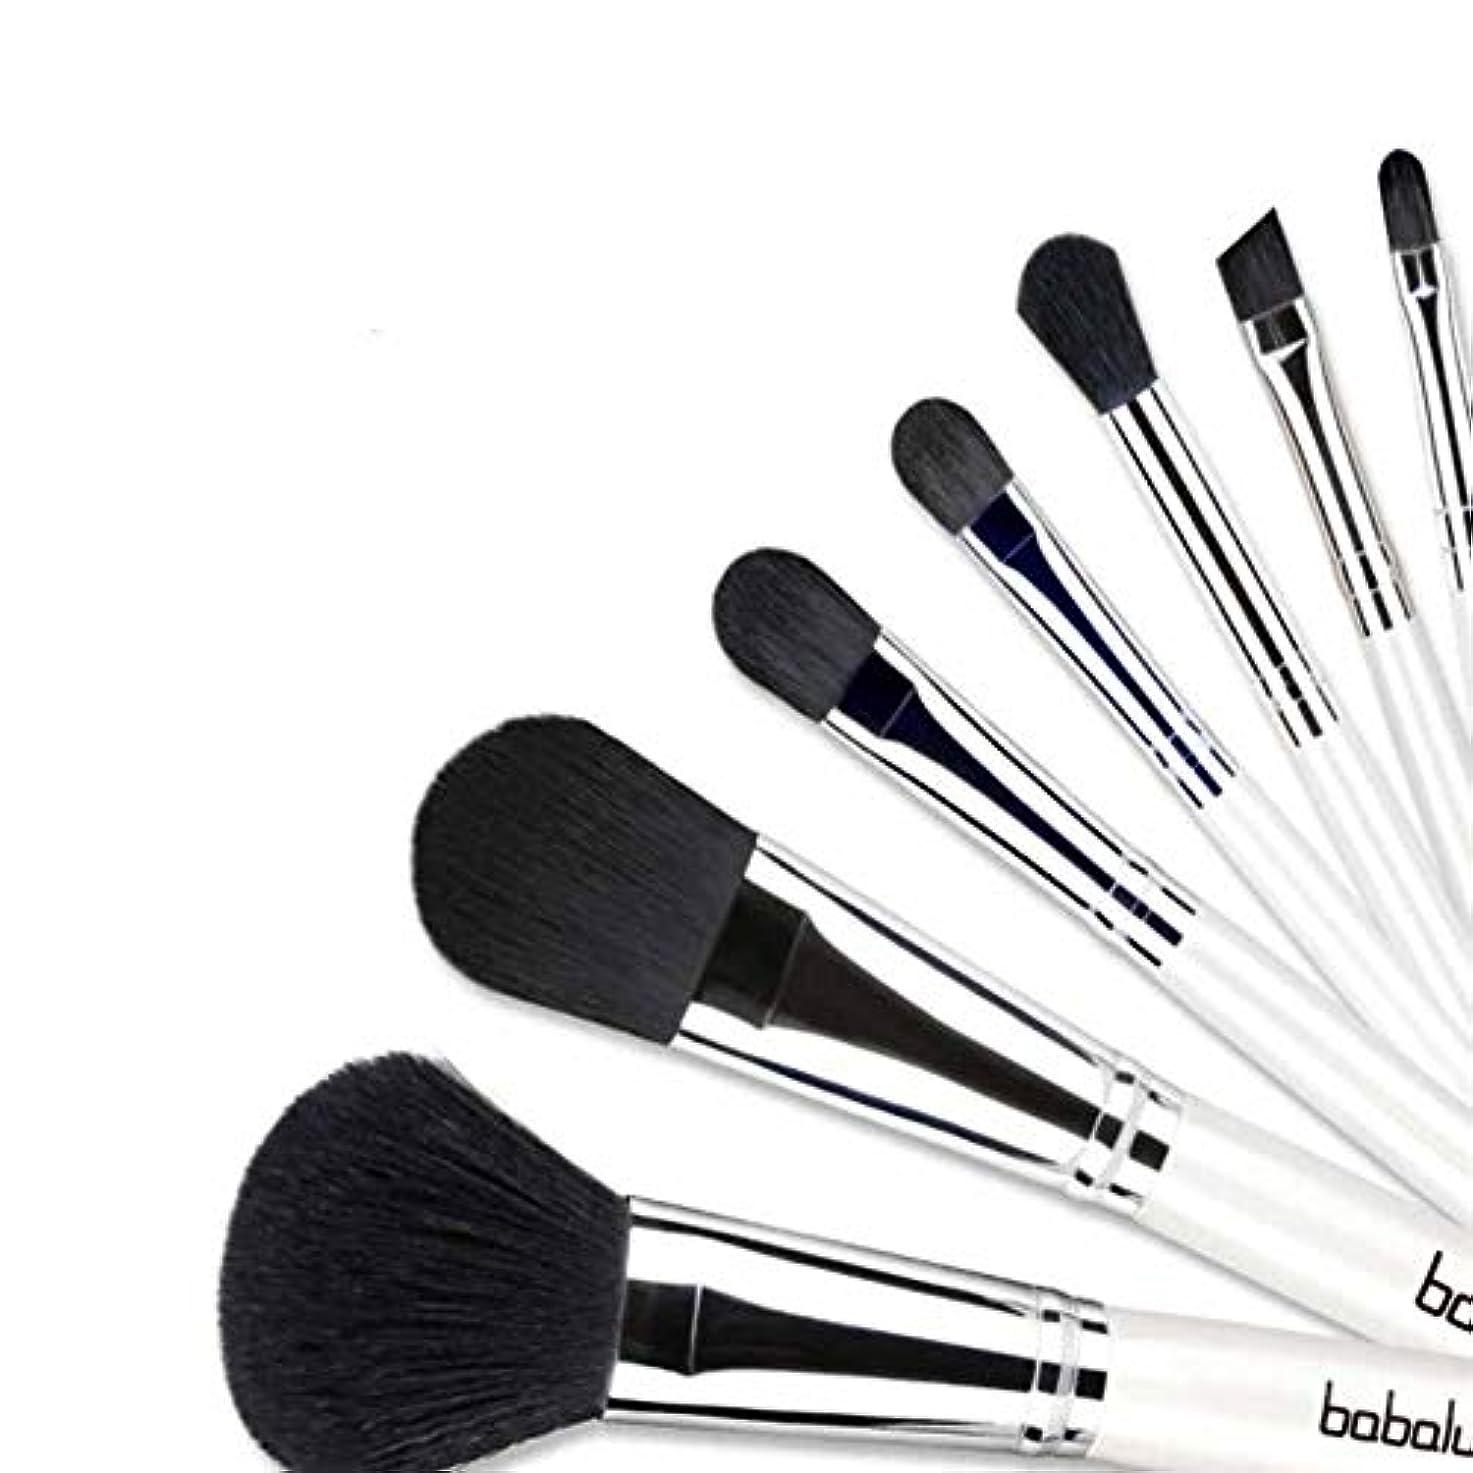 バリアインサートナプキンXIAOCHAOSD メイクブラシは、7パックメイクブラシセット、初心者のプロフェッショナルツール用のチューブに取り付けられたメイクブラシ、ソフト剛毛は、三次元の美しさ、黒、白の概要 (Color : White)